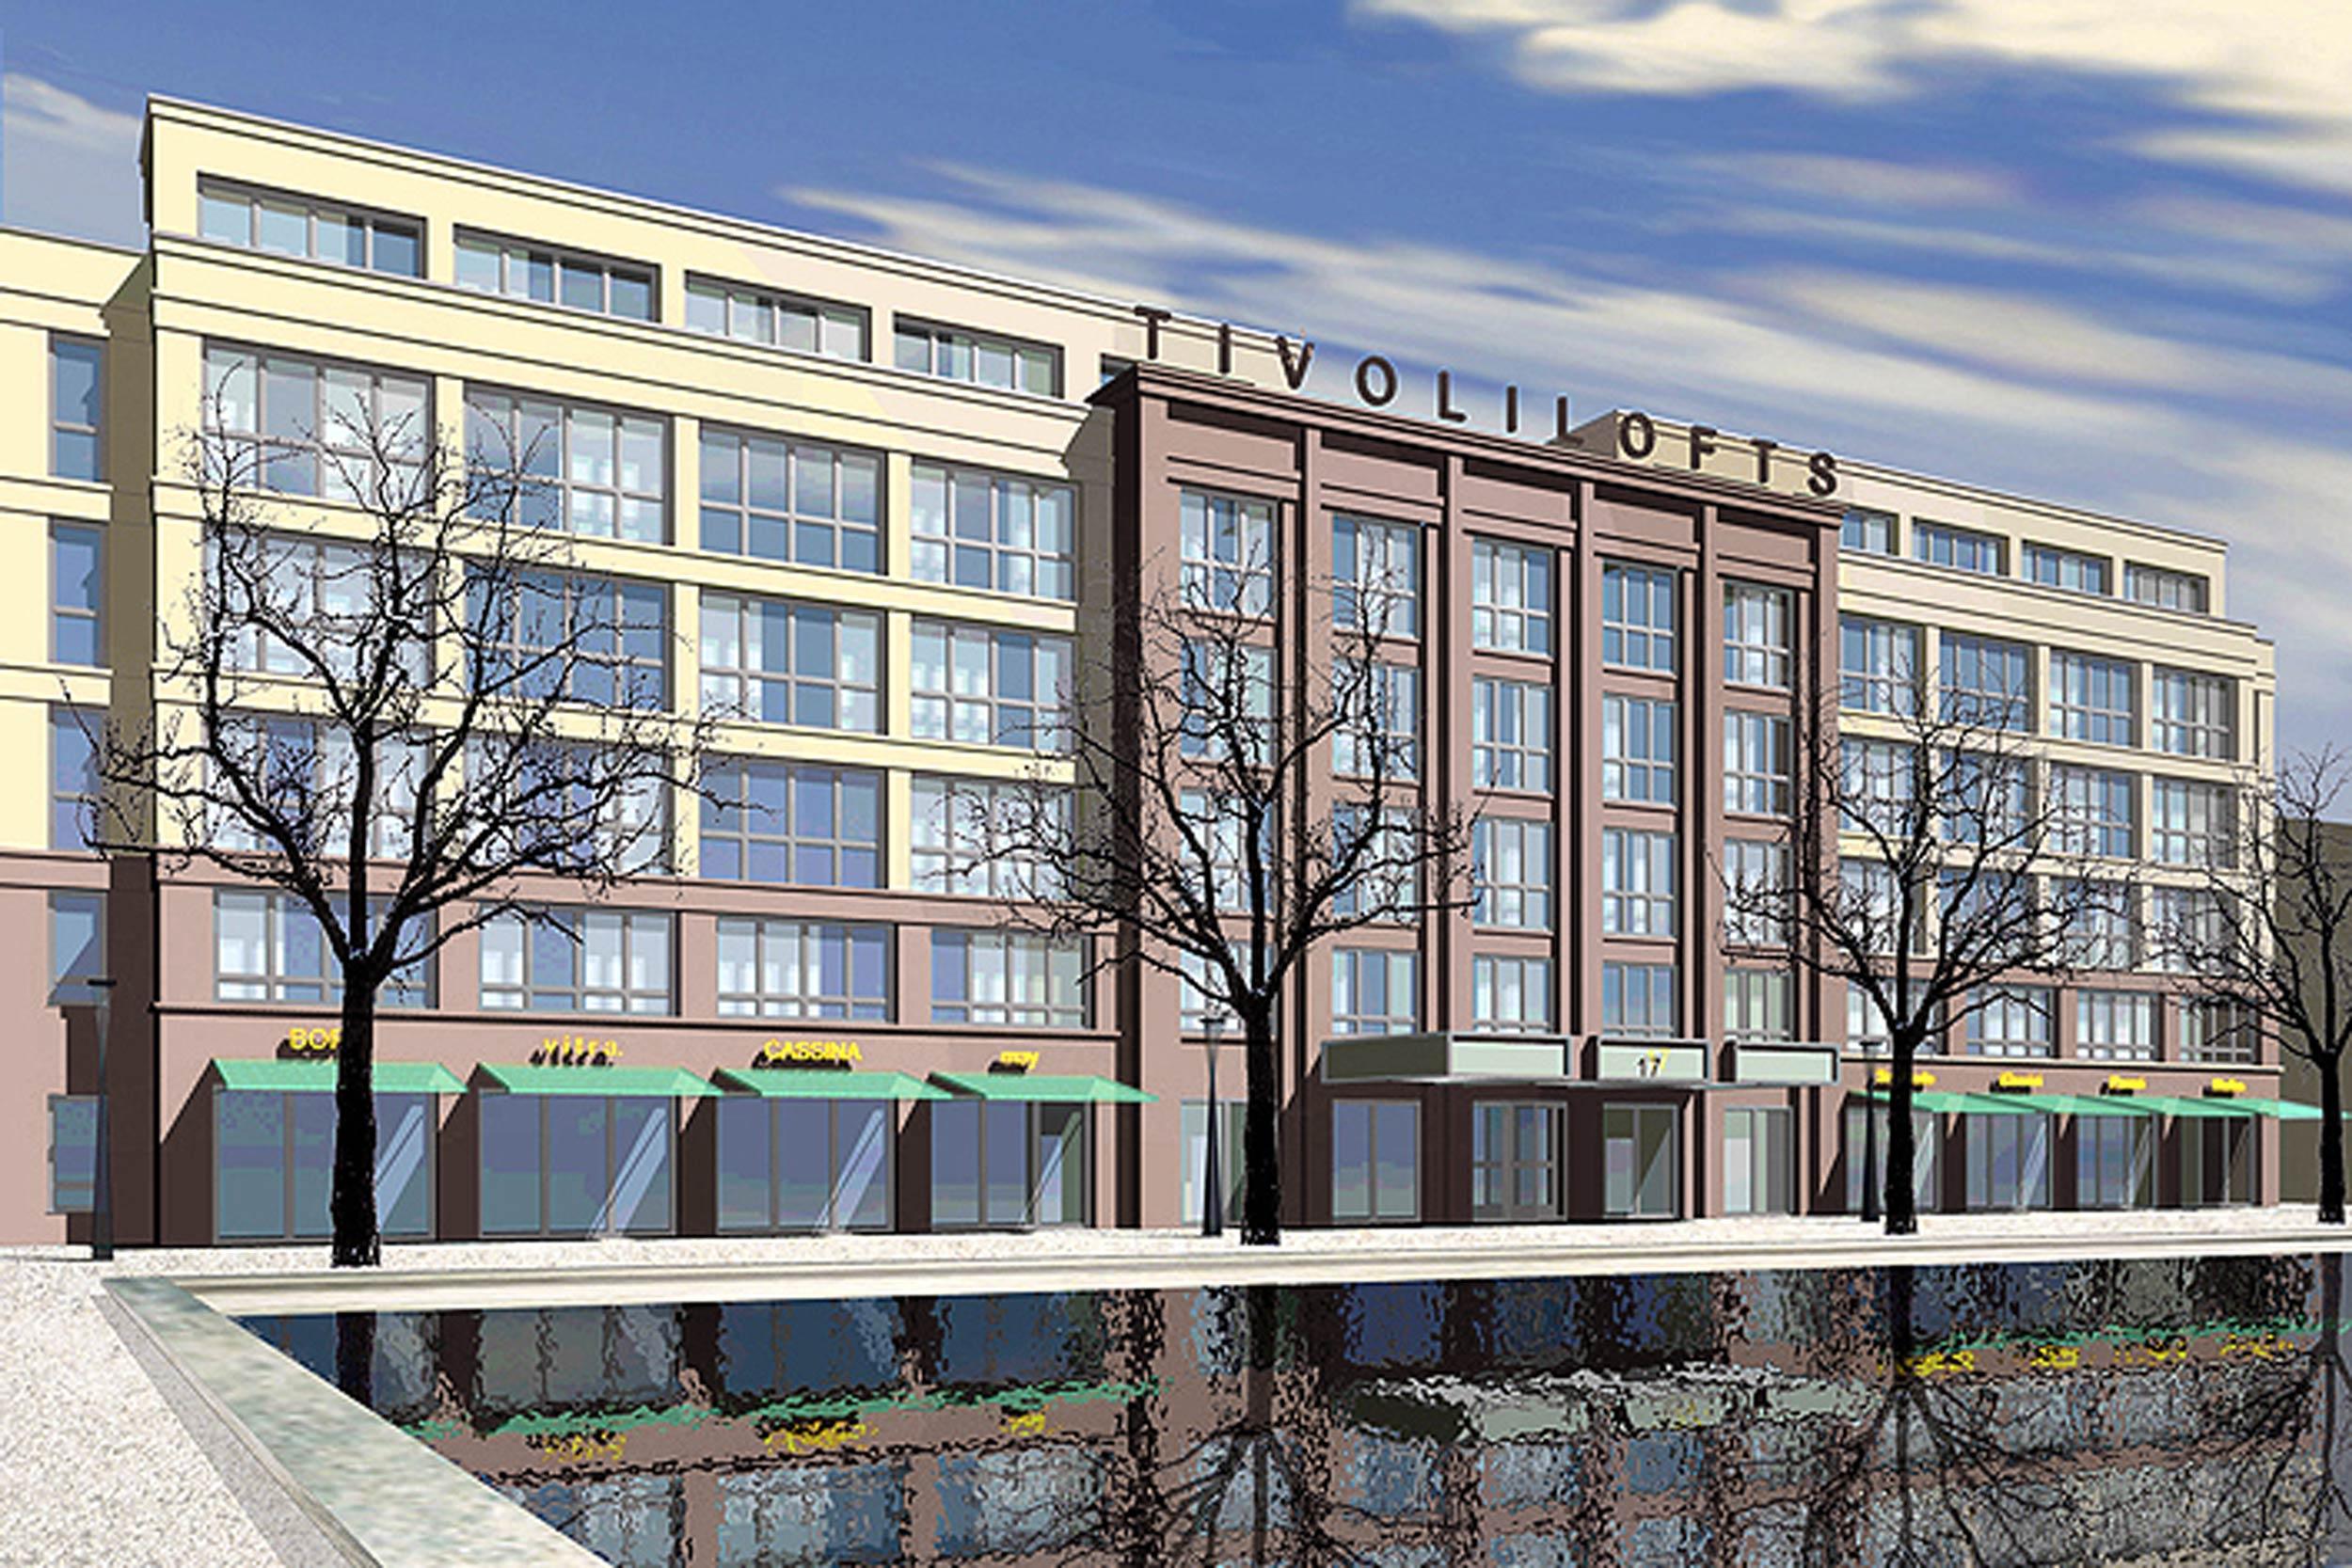 TIVOLILOFTS - Neubau eines Geschäftshauses mit modernen Bürolofts. Das Bürogebäude greift auf Referenzen aus der Baugeschichte zurück